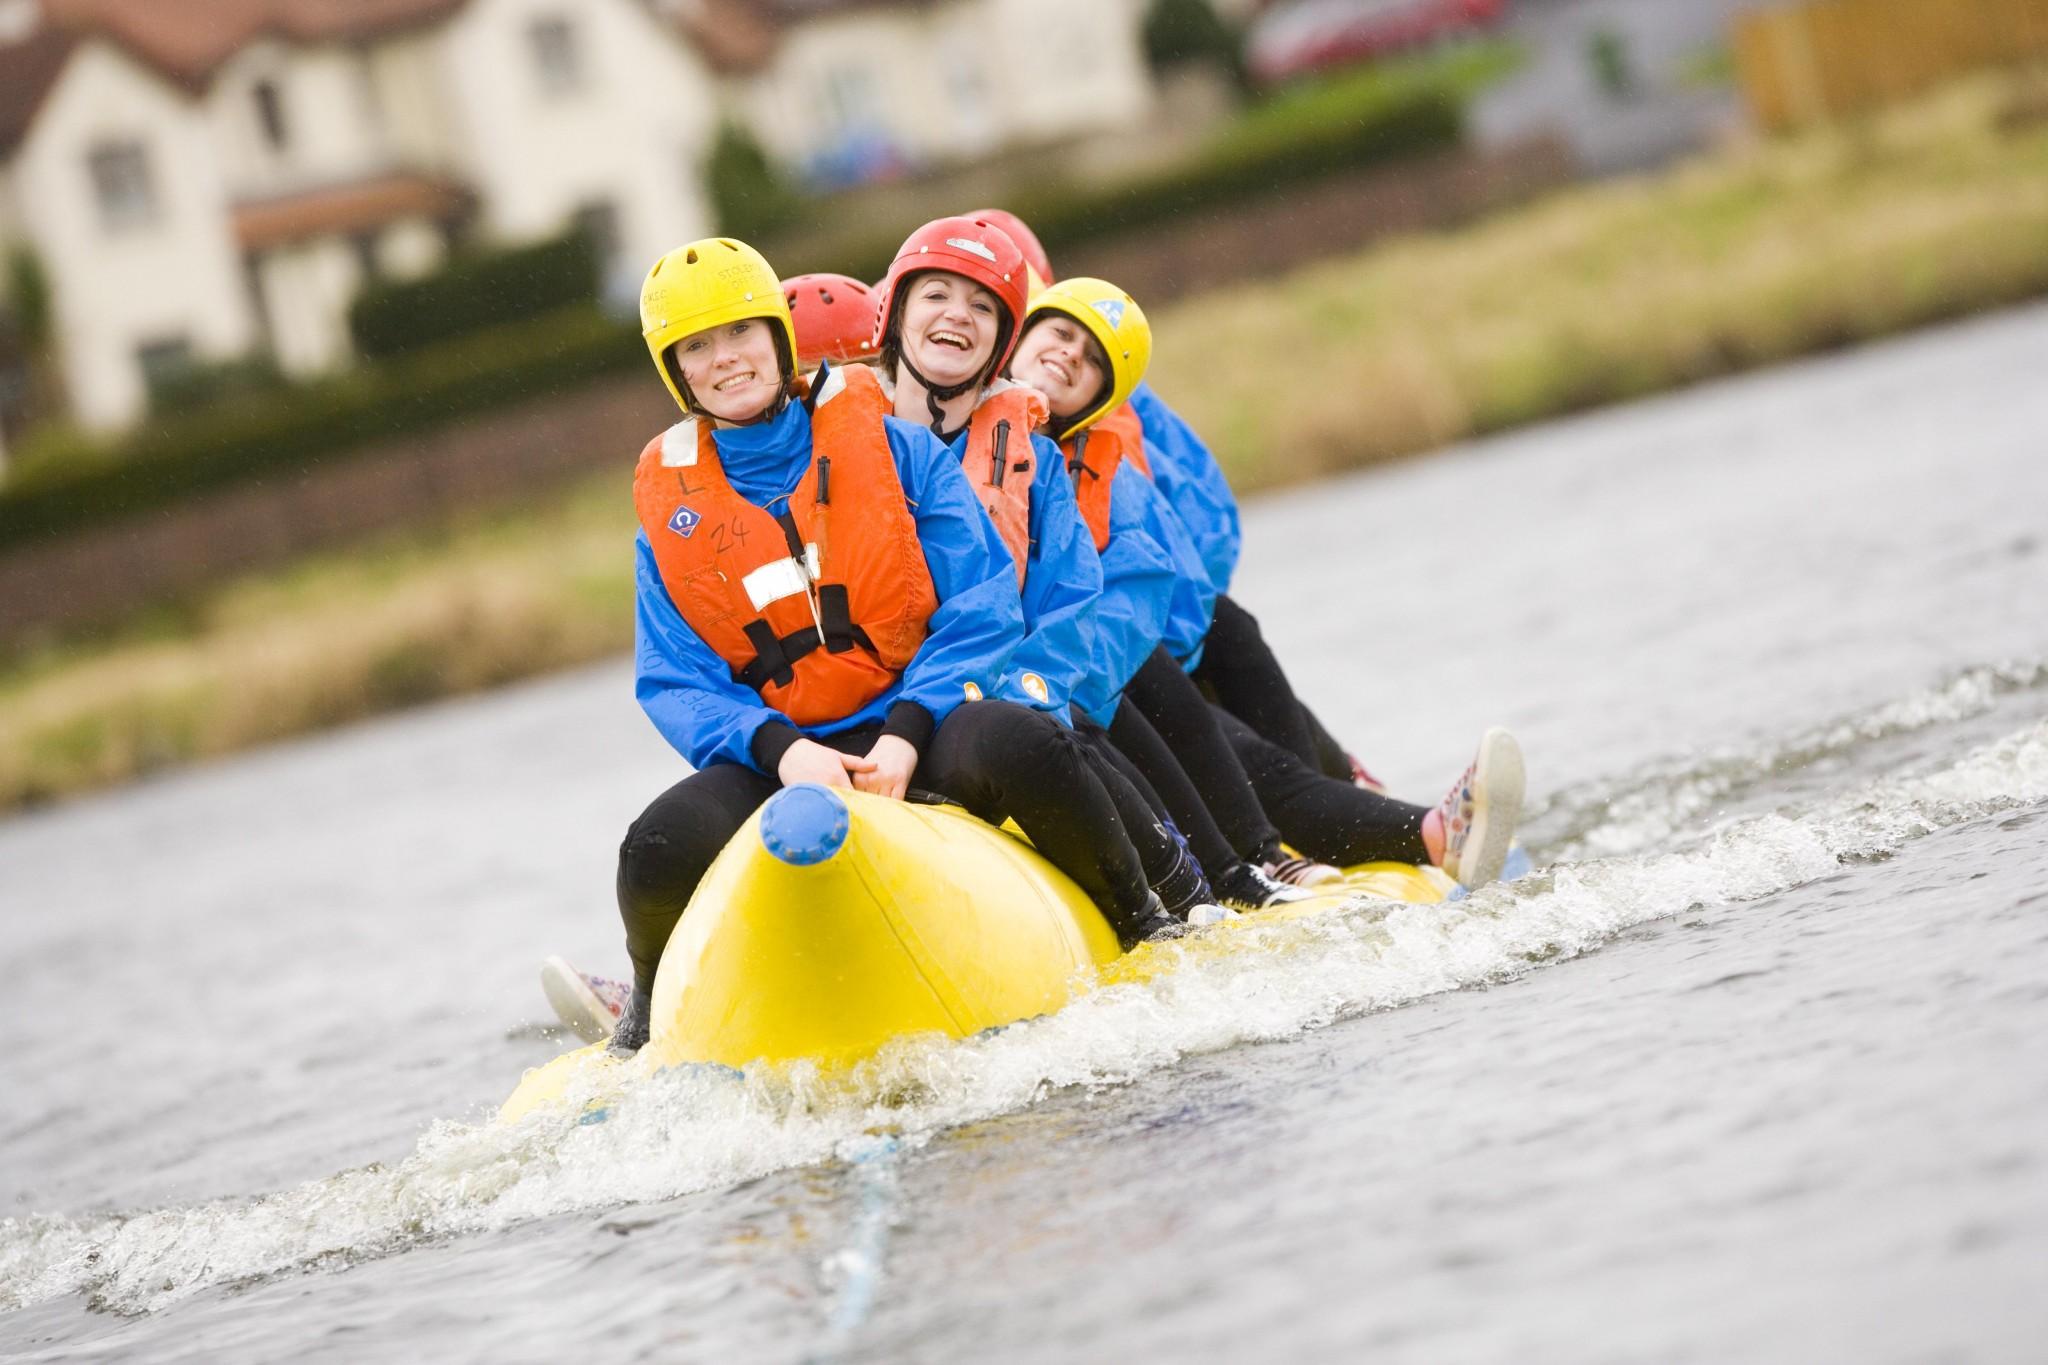 image-banana-boat-group-2